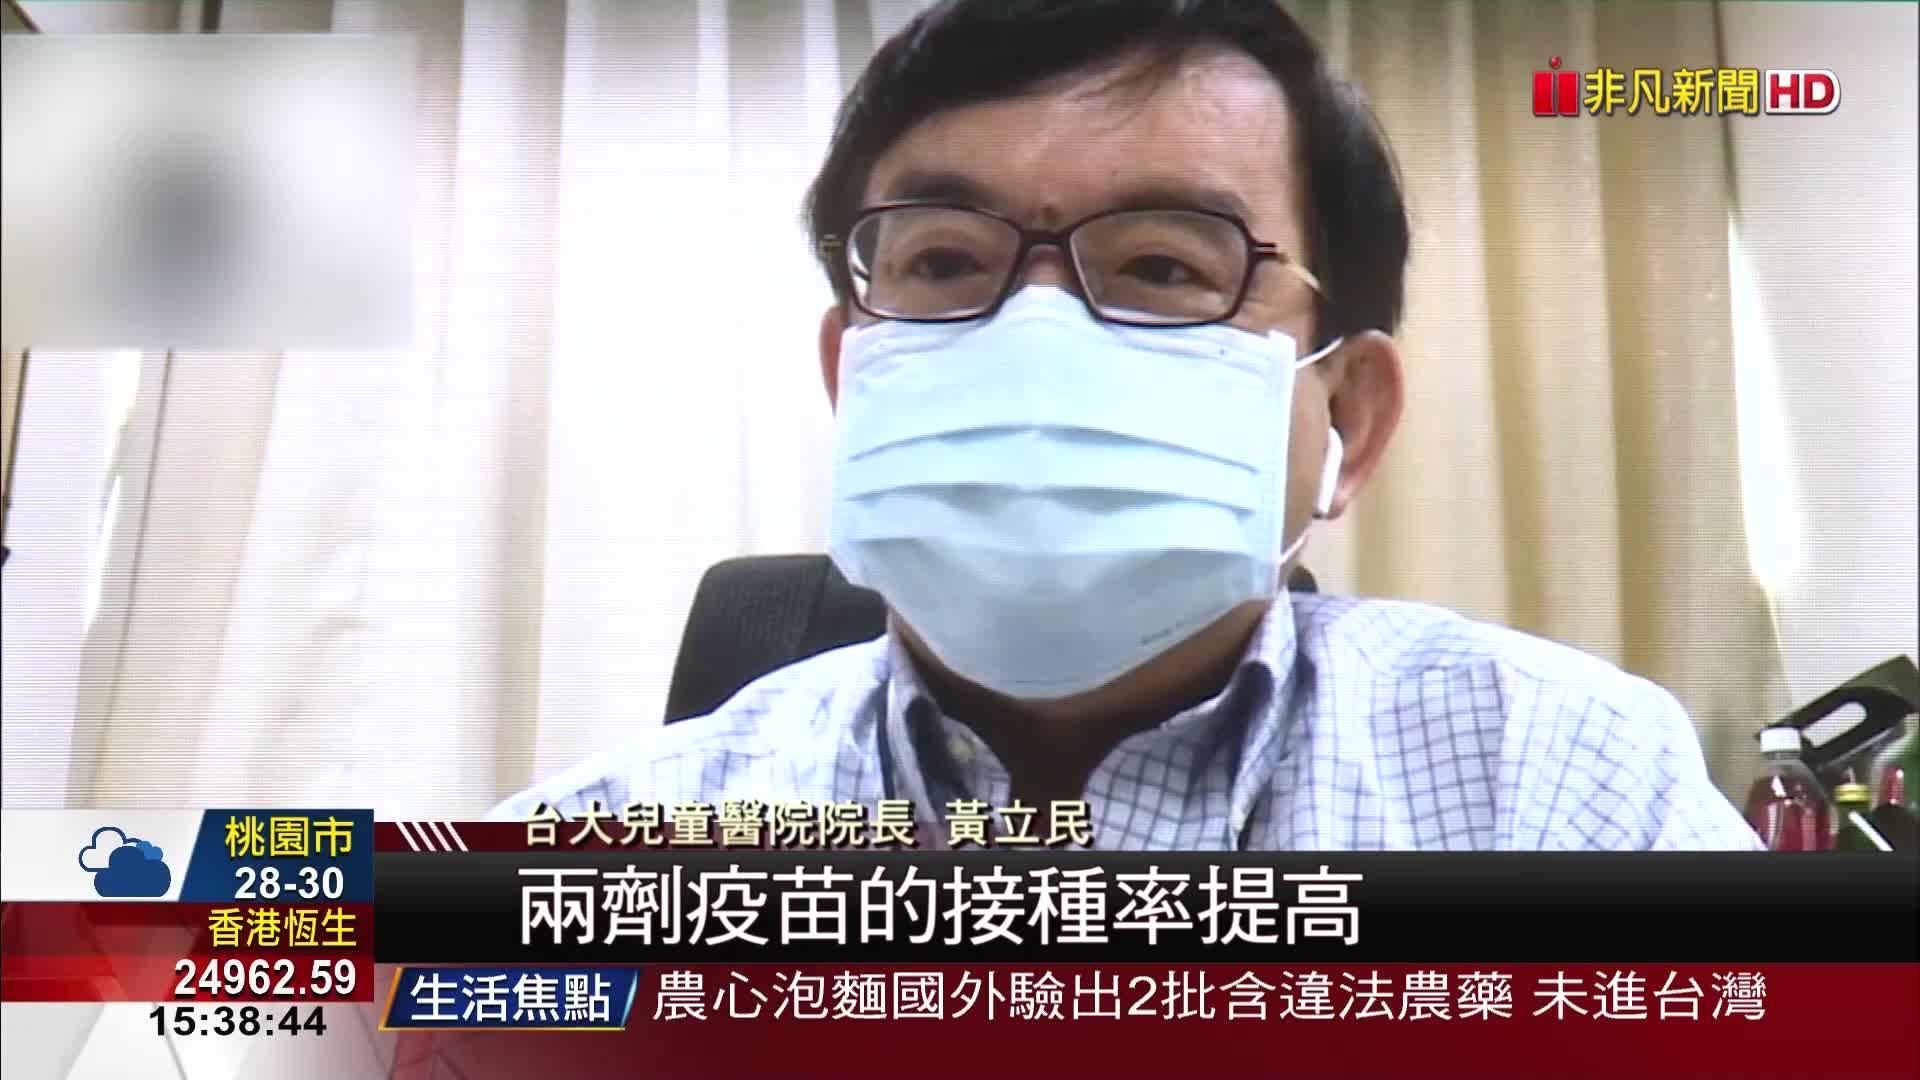 BNT打氣不如預期 醫:疫情穩定急迫感下降